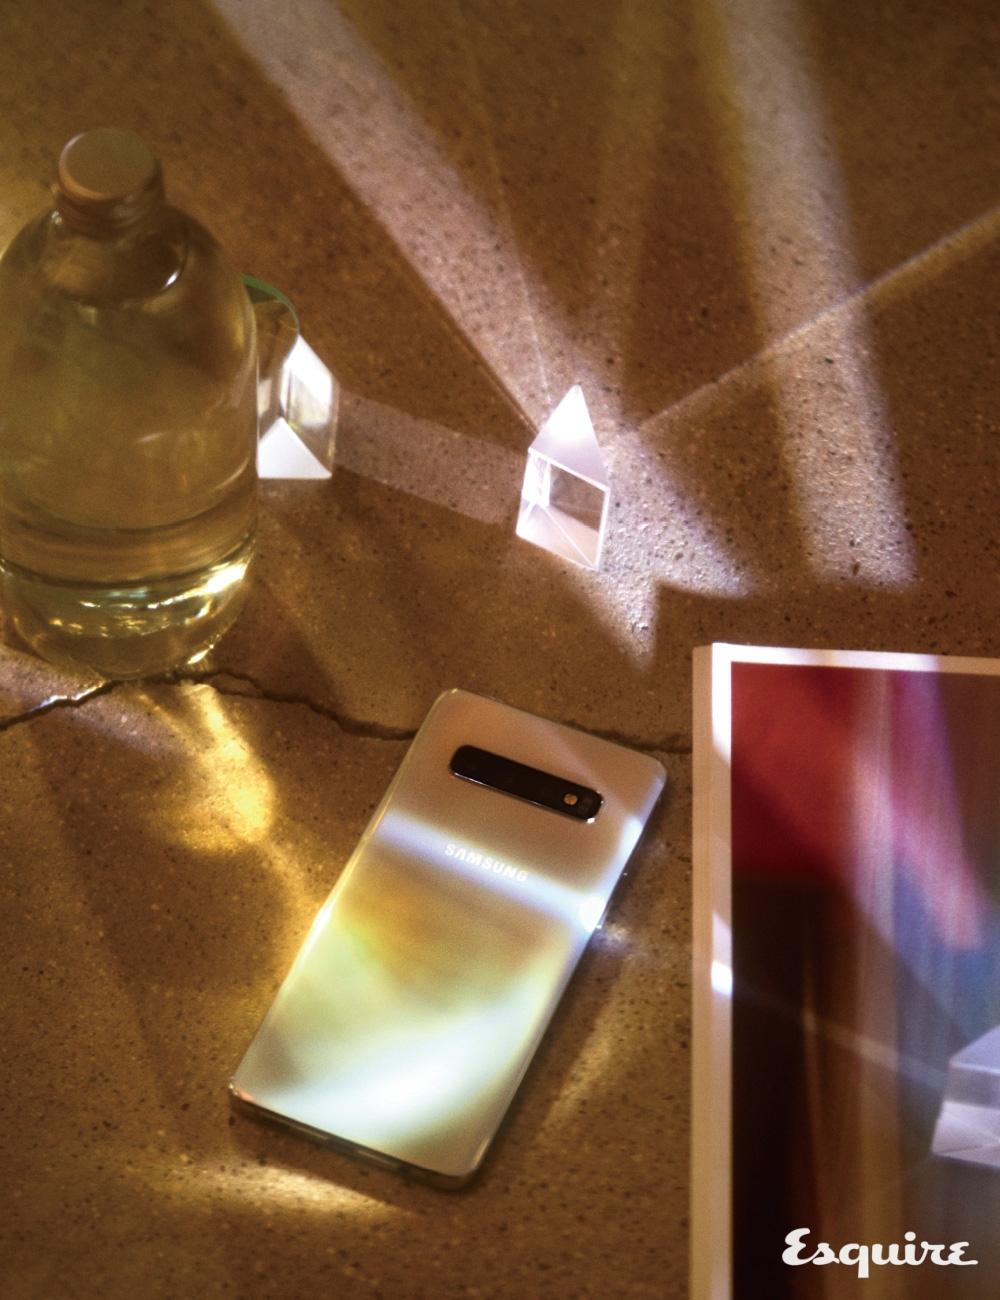 프리즘 화이트 색상 갤럭시 S10 삼성전자.